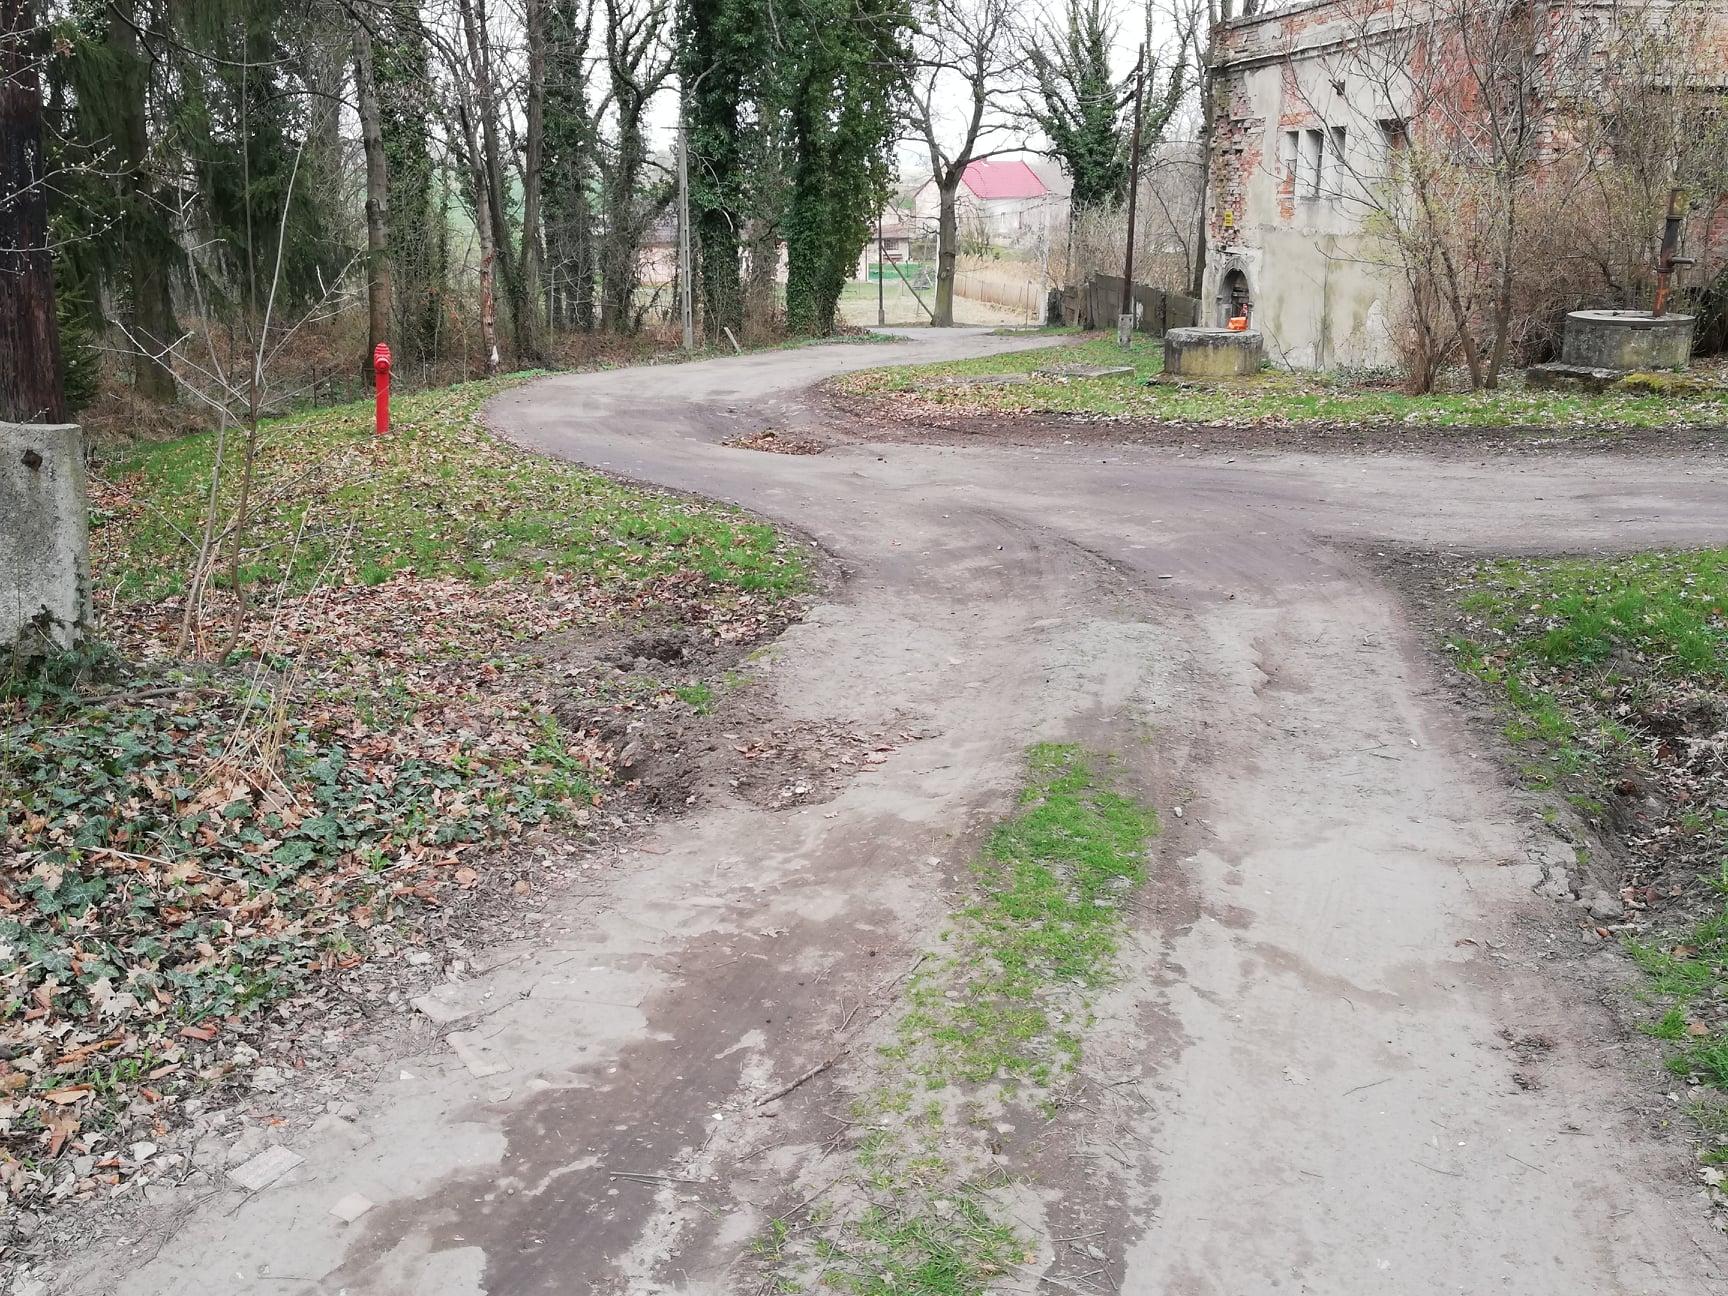 W tym roku przebudują drogę w Kalinowicach  - Zdjęcie główne